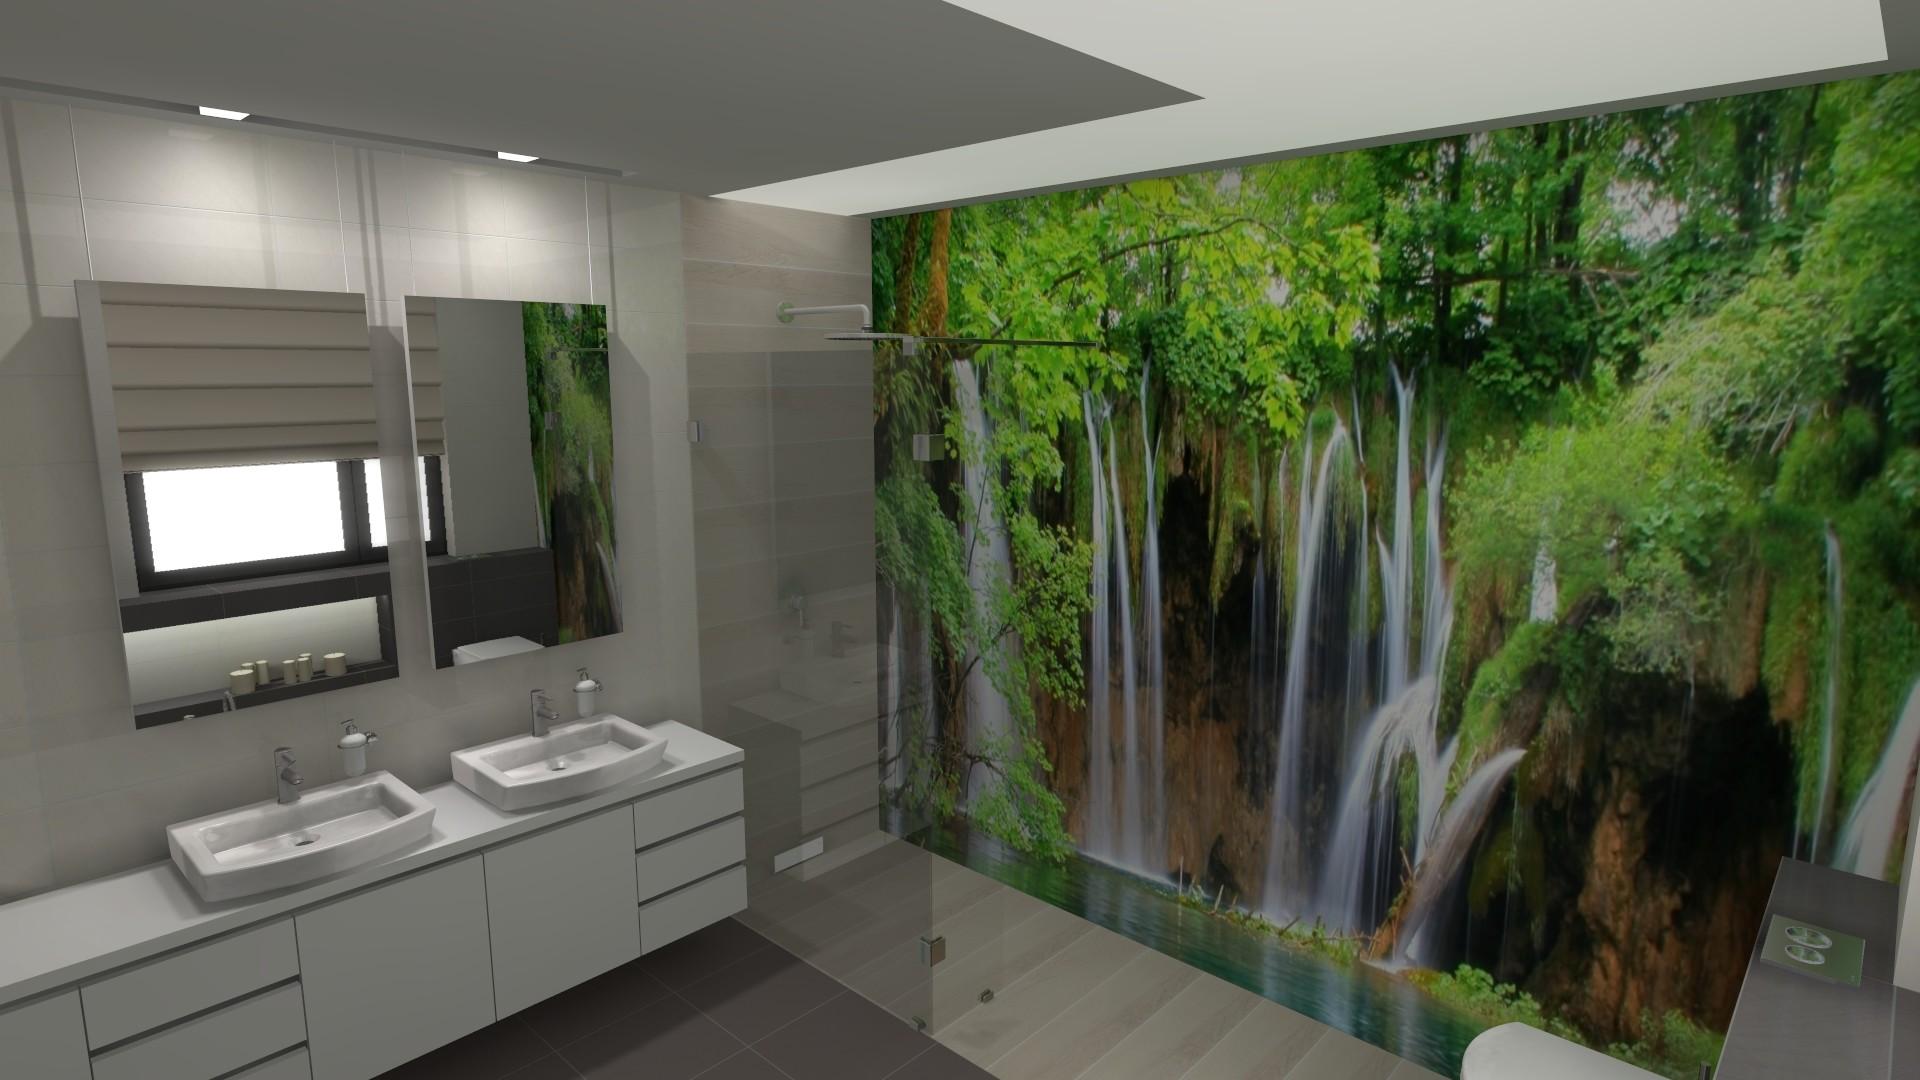 Projektowanie łazienek Bk Business łask Pabianice